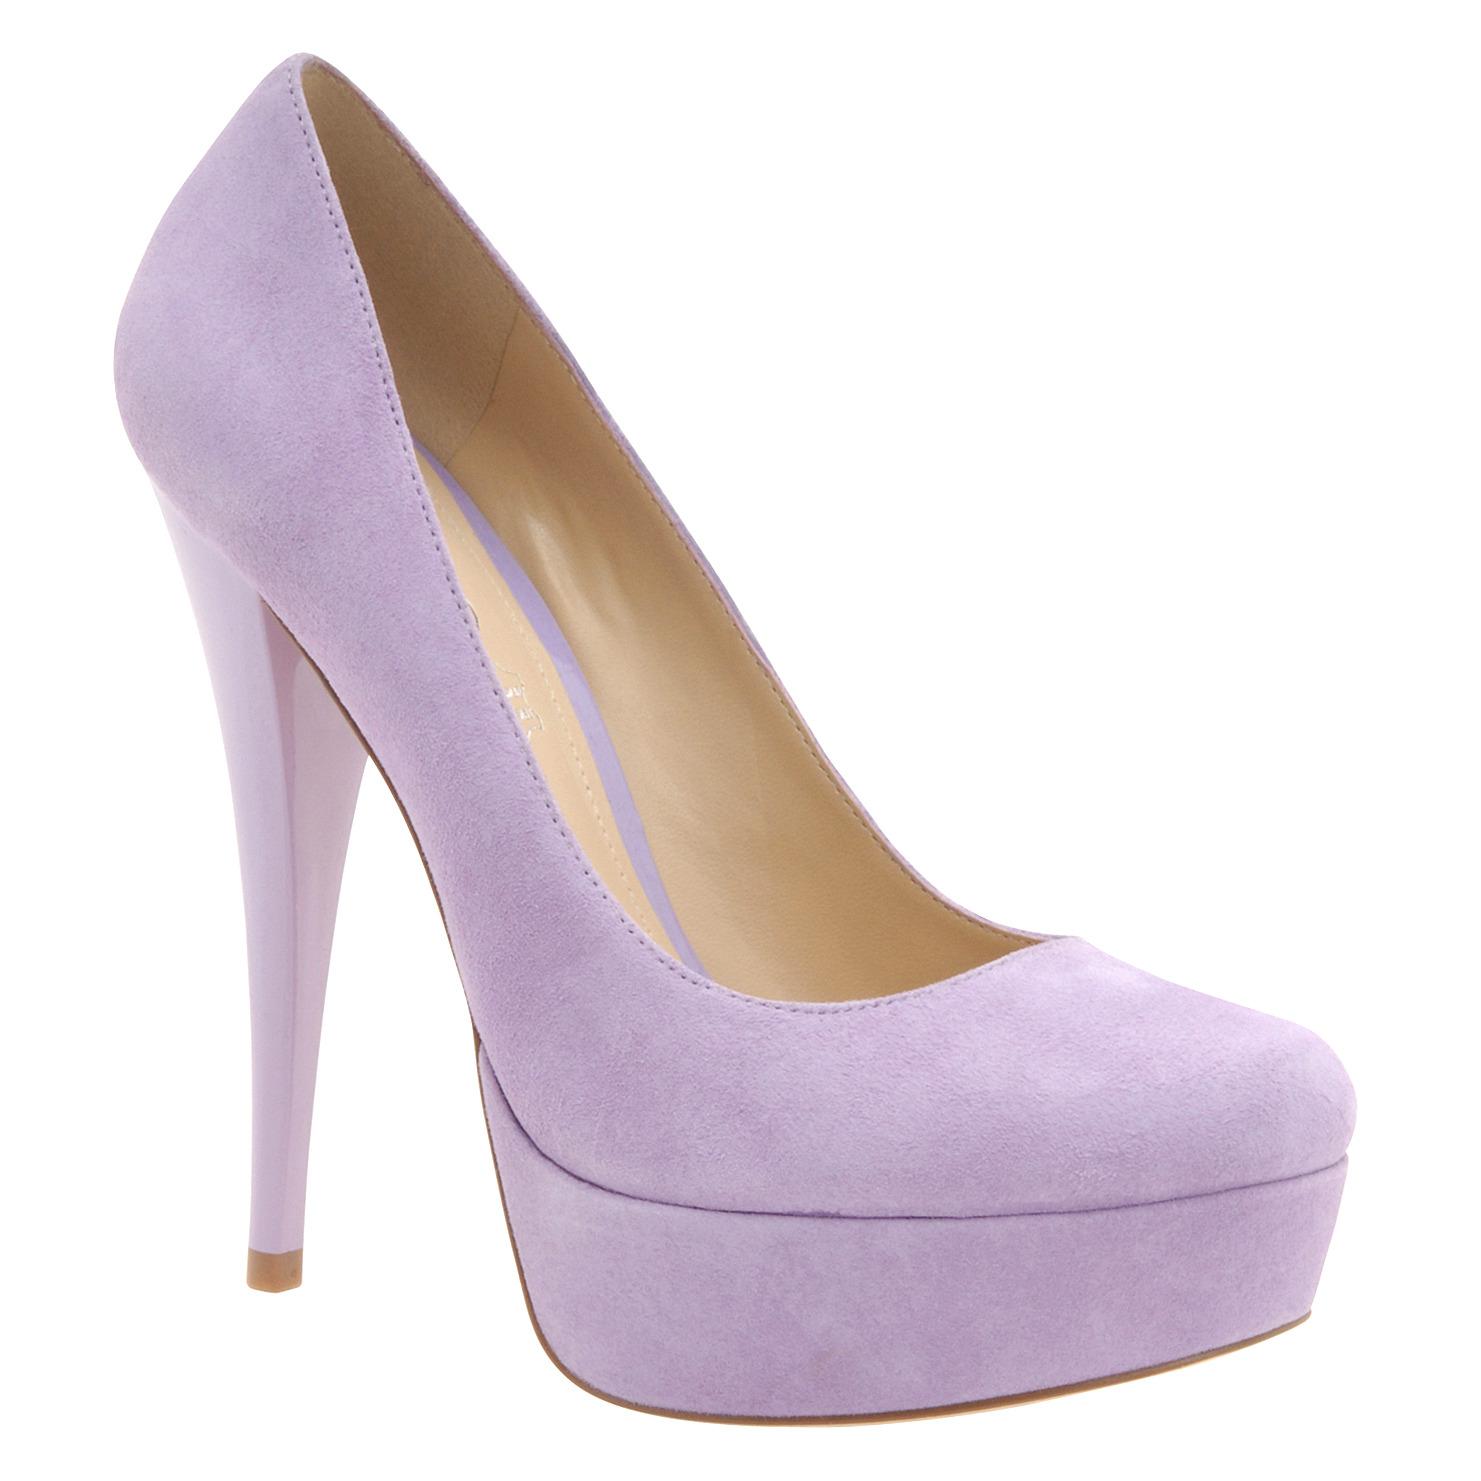 Lilac Shurkus at Aldo Shoes, $90